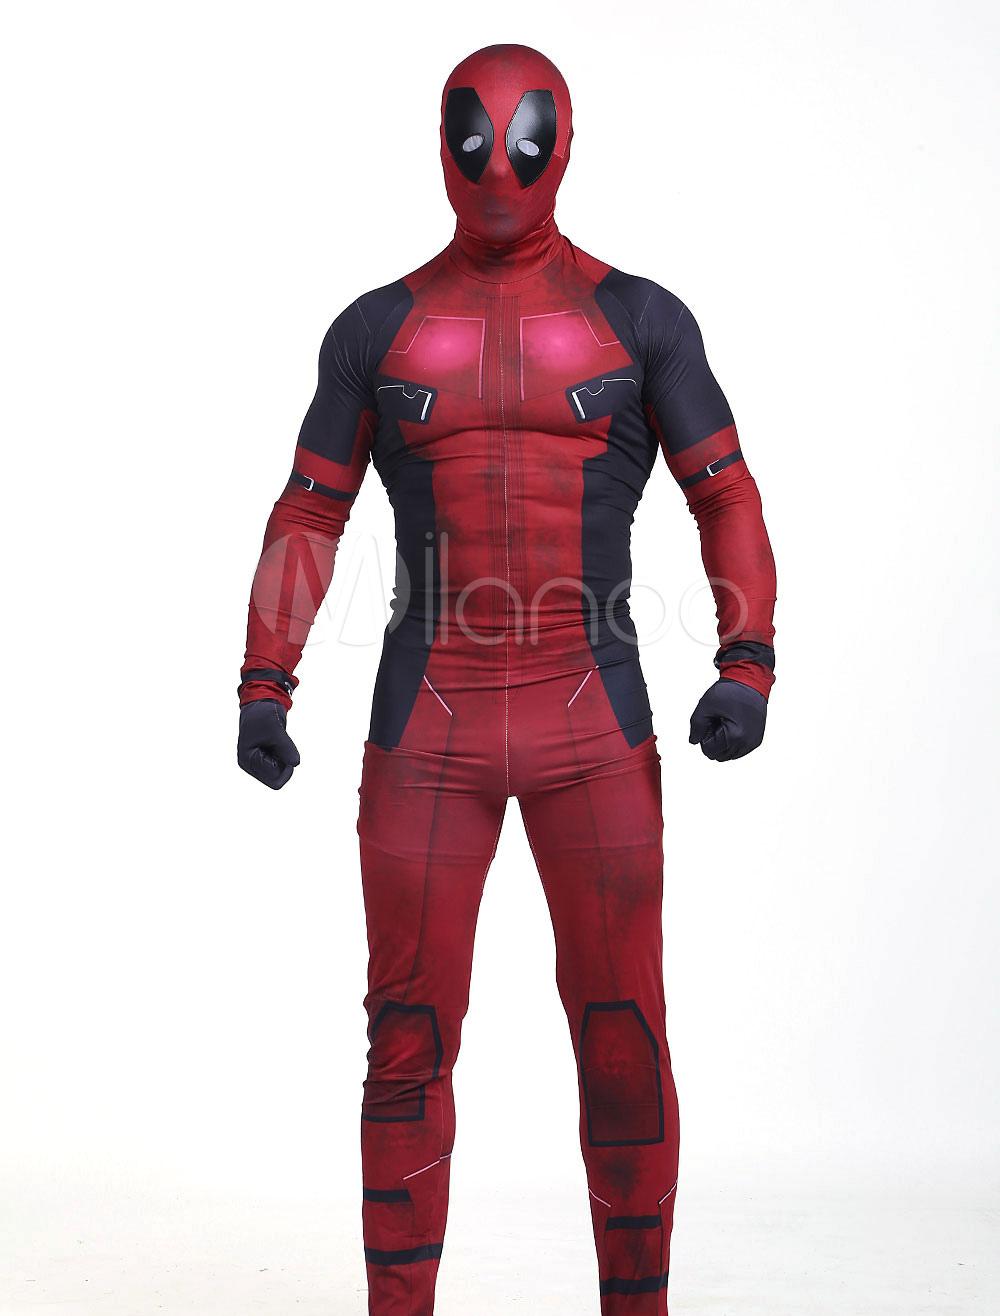 Deadpool Halloween Wade Wilson Cosplay Costume Halloween - Milanoo.com